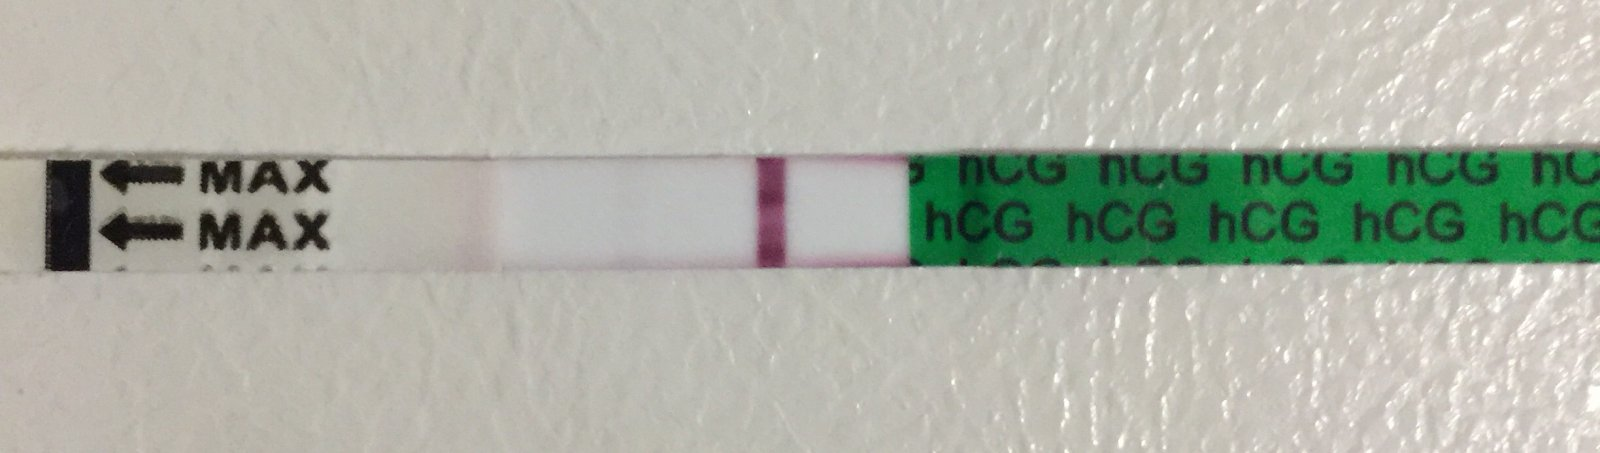 DDF661F3-EB51-4394-AA9F-A80D0F91723D.jpeg